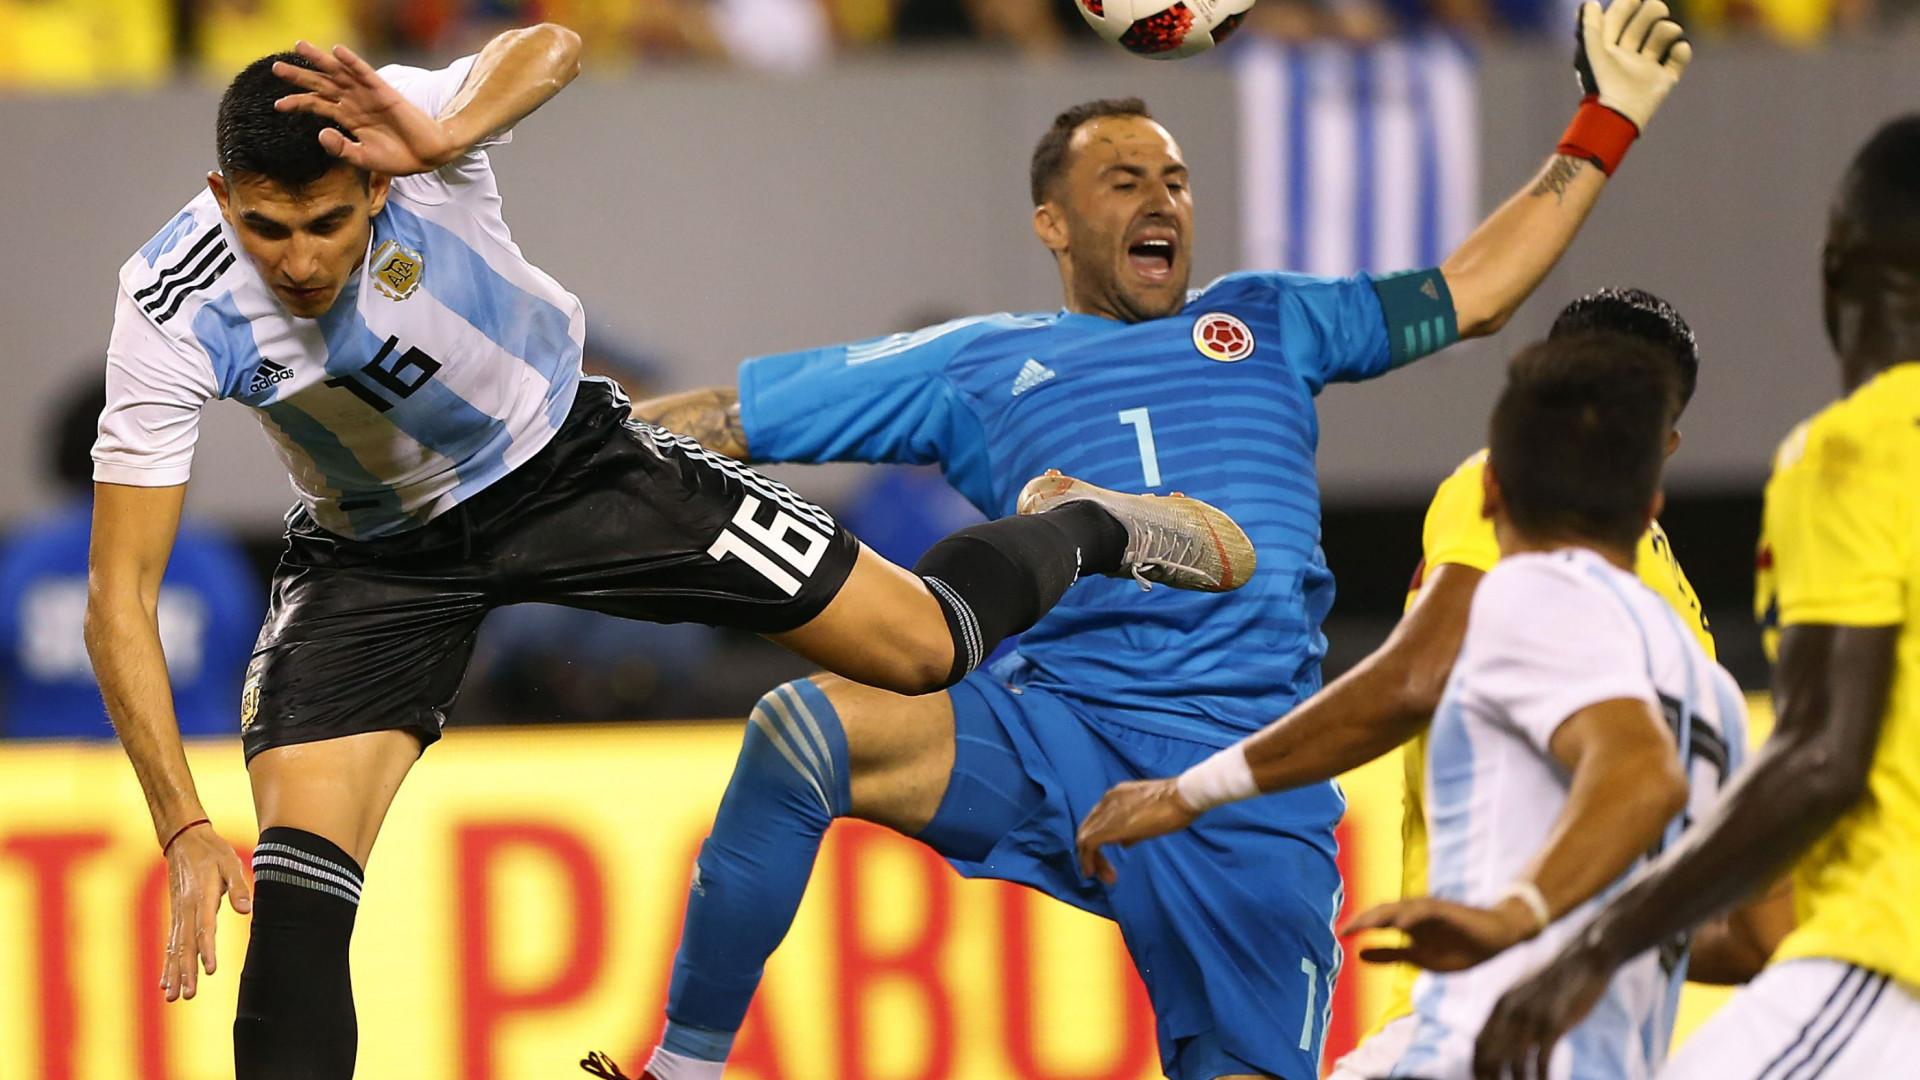 Battaglia estreia-se (e logo a titular) pela seleção argentina